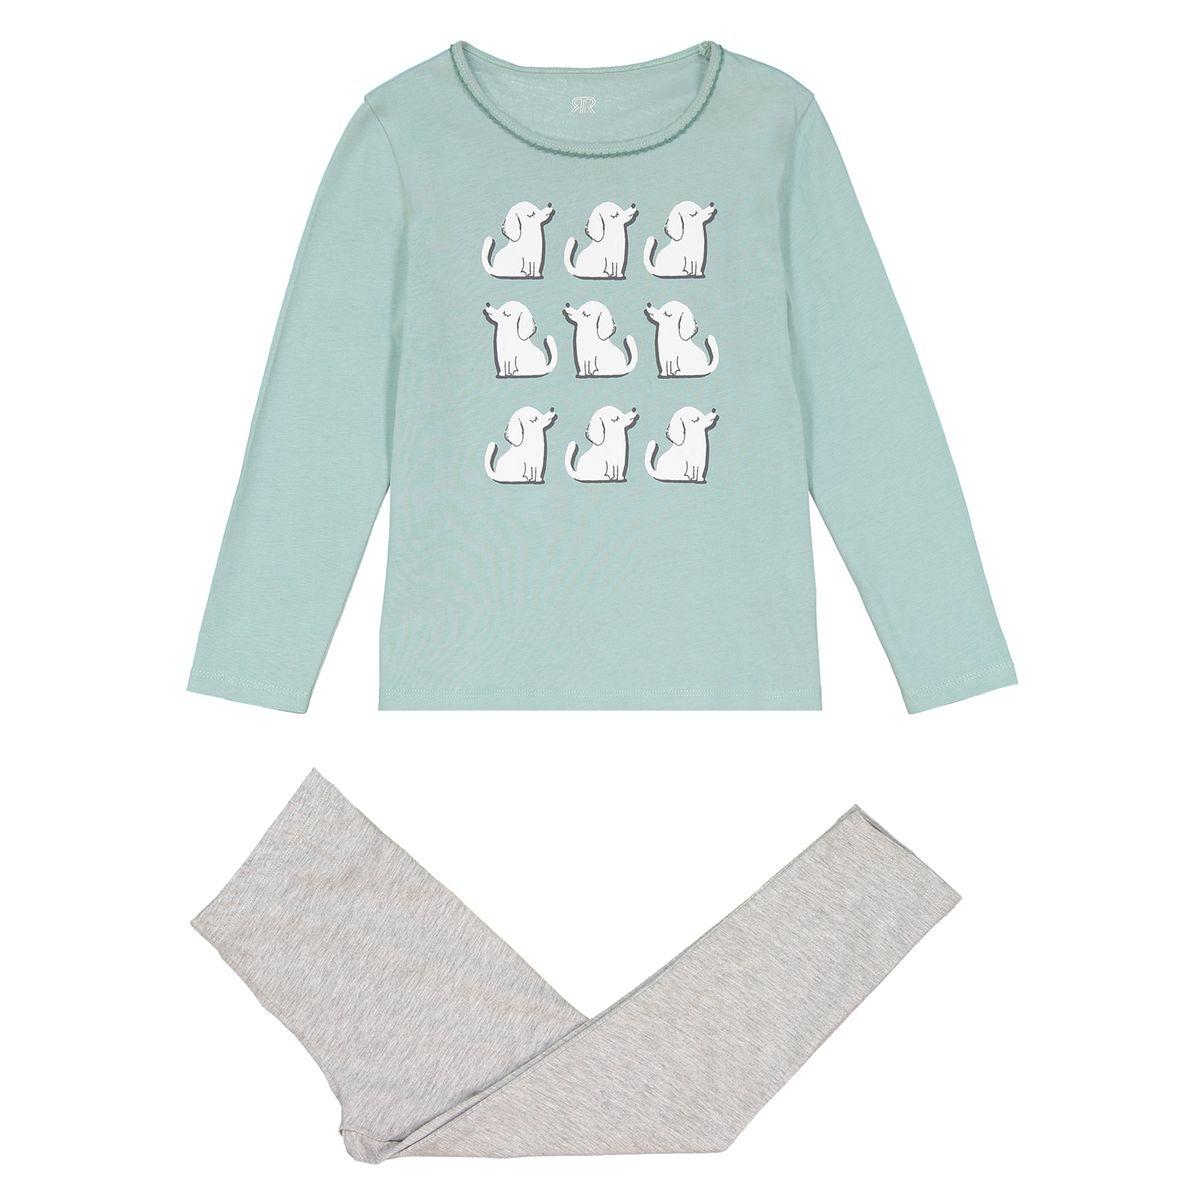 Pyjama manches longues, imprimé chiens, 3 - 12 ans